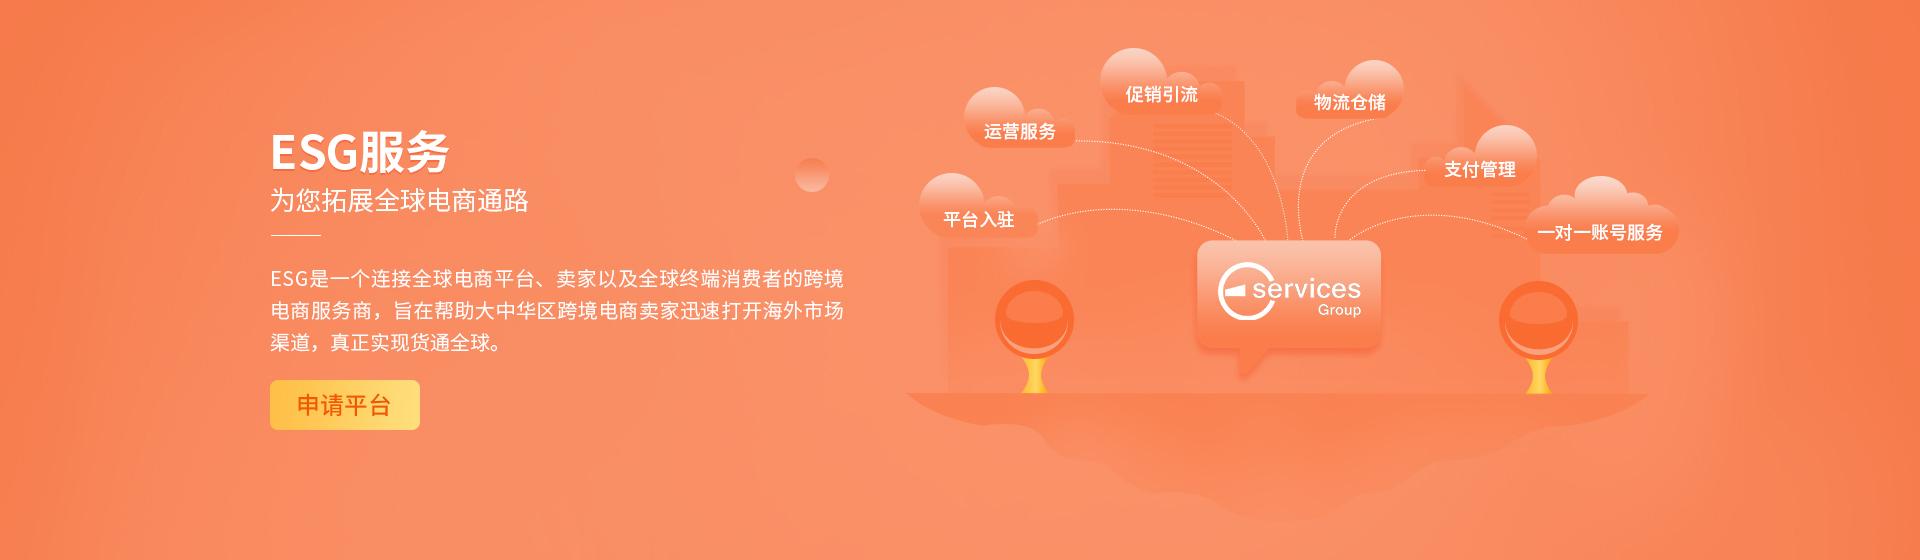 esg服务为您拓展全球电商通路